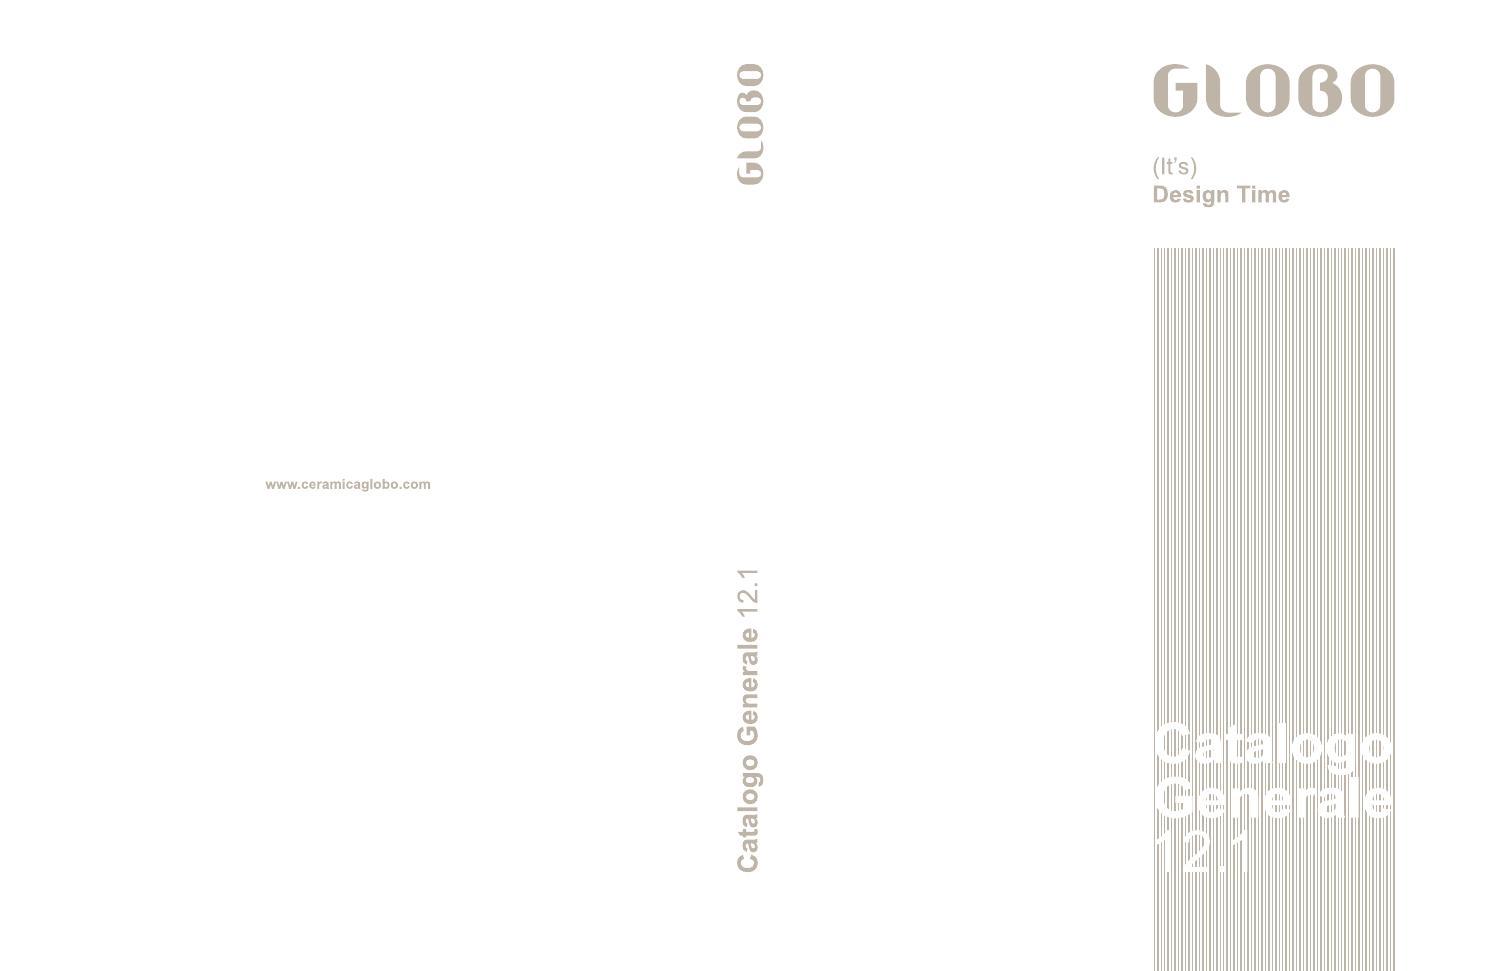 Piatto Doccia 70x85 Globo.Catalogo Globo 2012 By Anatoliy Gevchuk Issuu